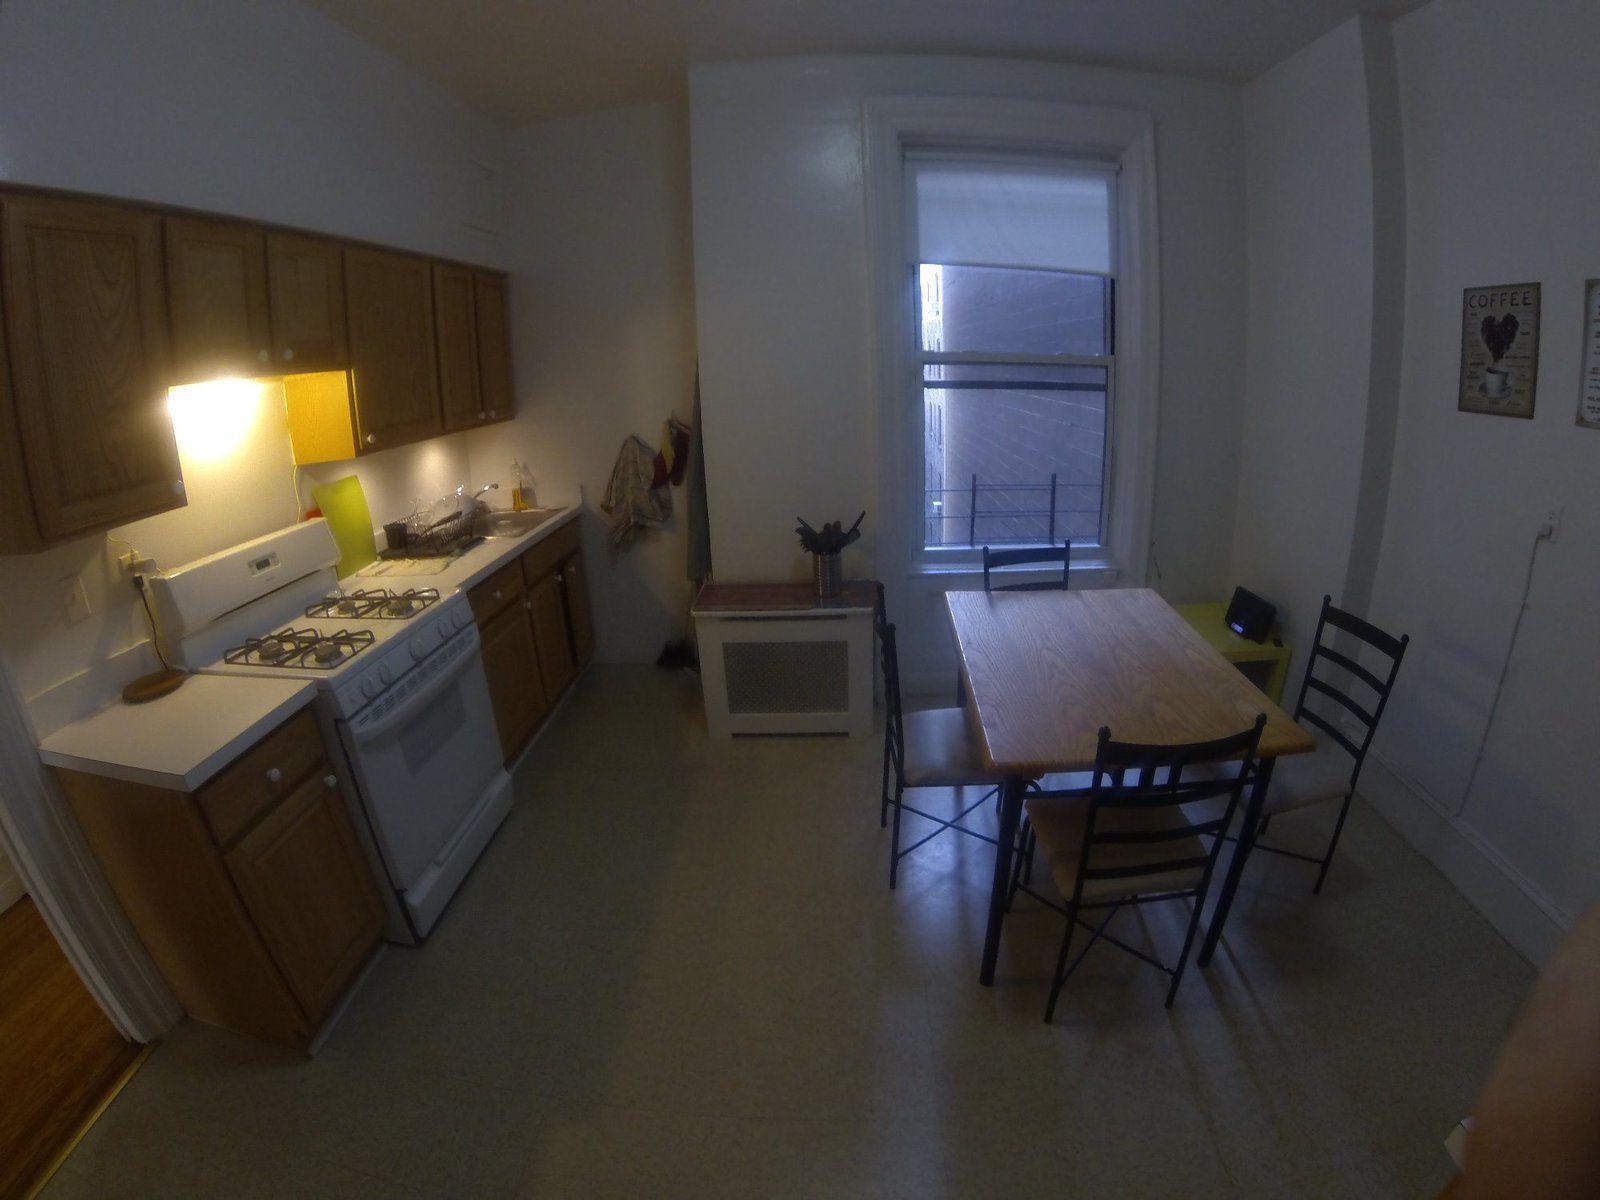 La cuisine, plus grande que les précédentes, on a la place d'y mettre une table, le frigo est plus petit par contre, presque à la taille française.